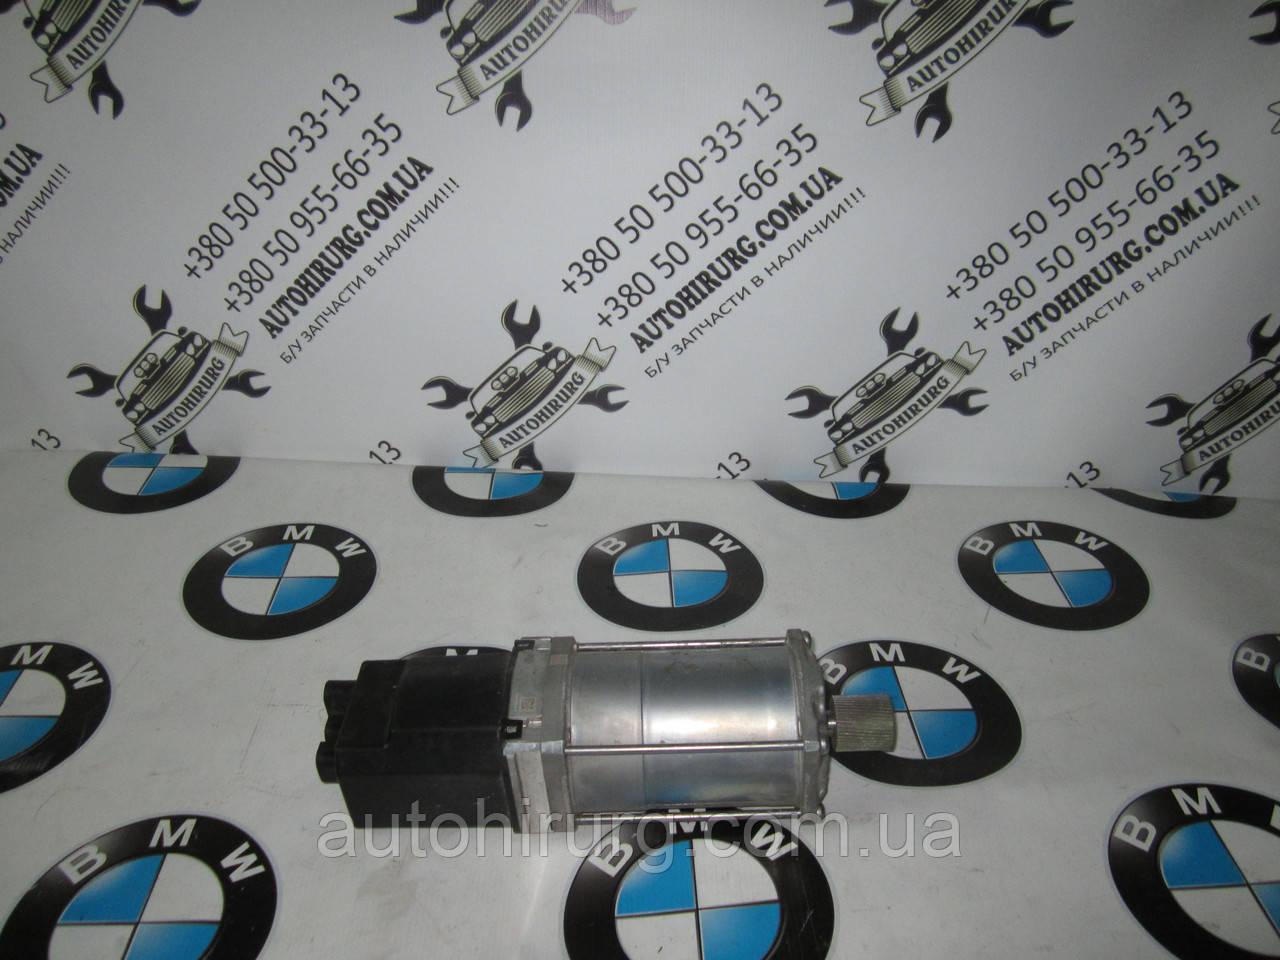 Электро двигатель рулевой рейки bmw f30 (7369110), фото 1